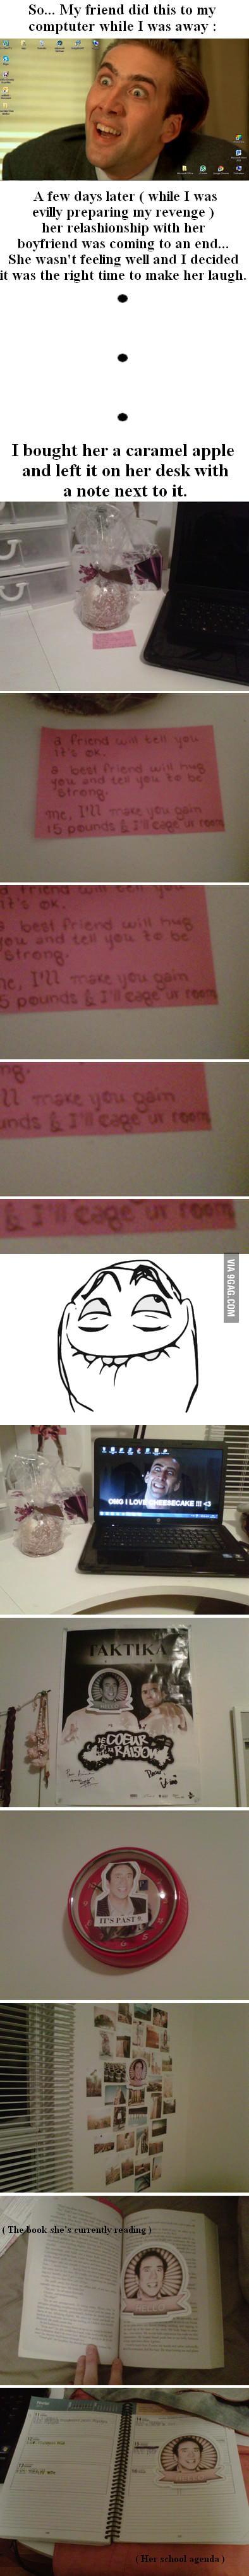 Revenge is so sweet...